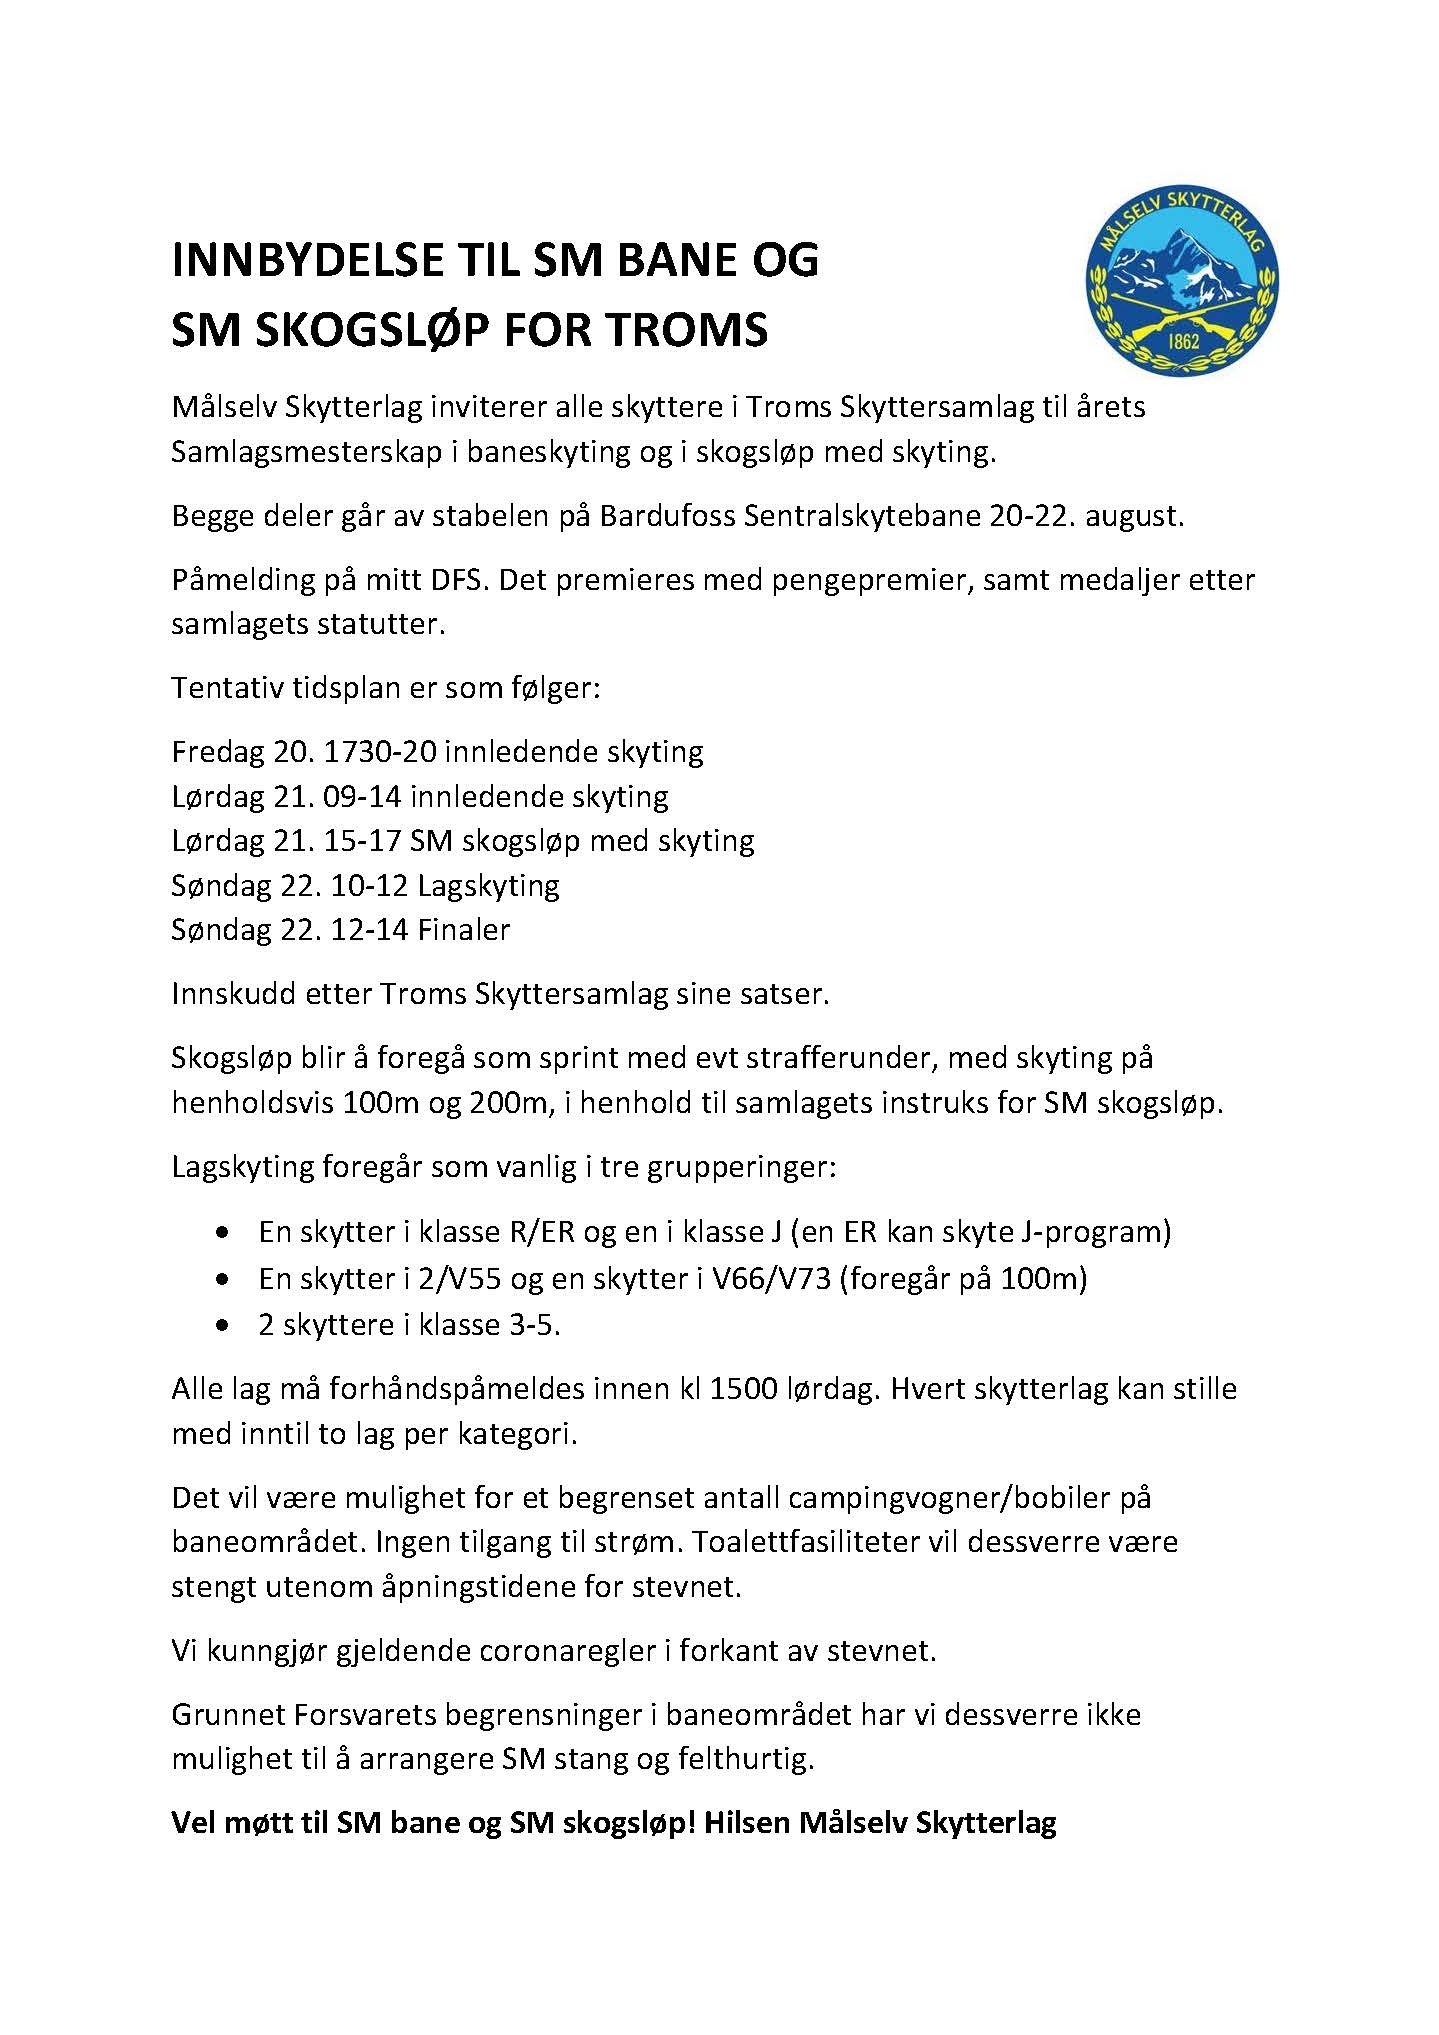 Innbydelse til SM bane og SM skogsløp Troms 2021